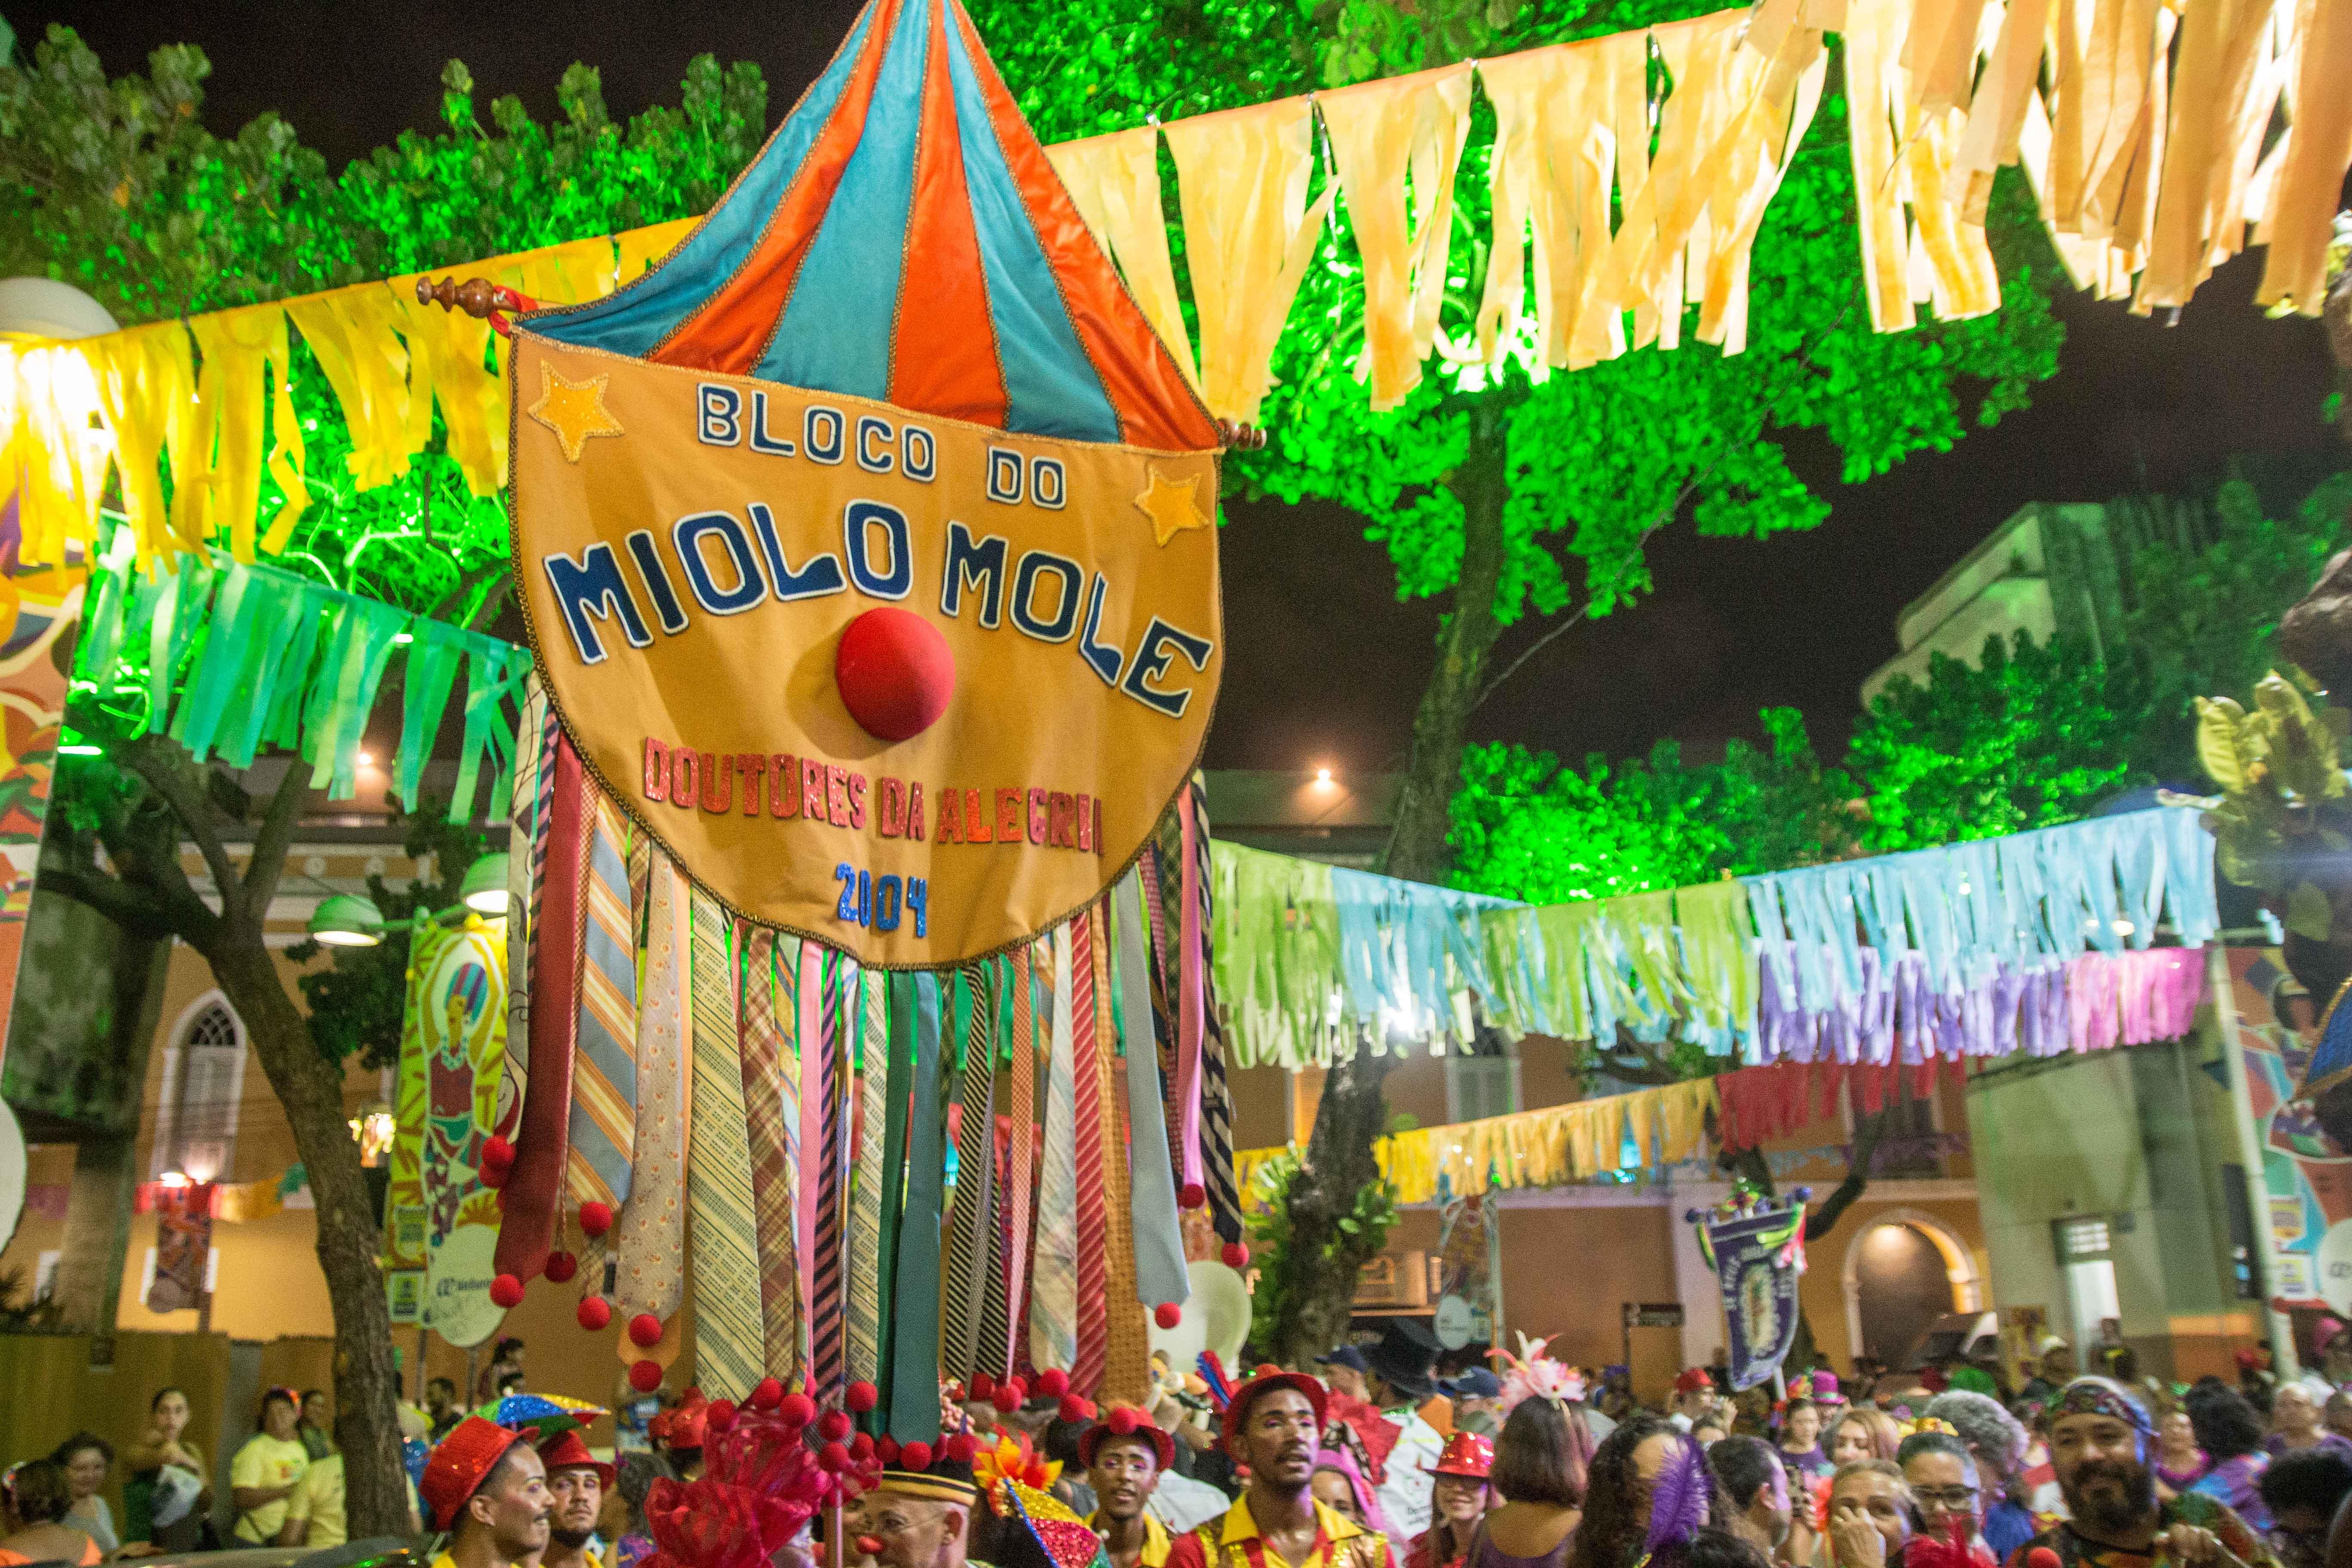 Bloco do Miolo Miolo Mole desfila dia 20 de fevereiro em Recife